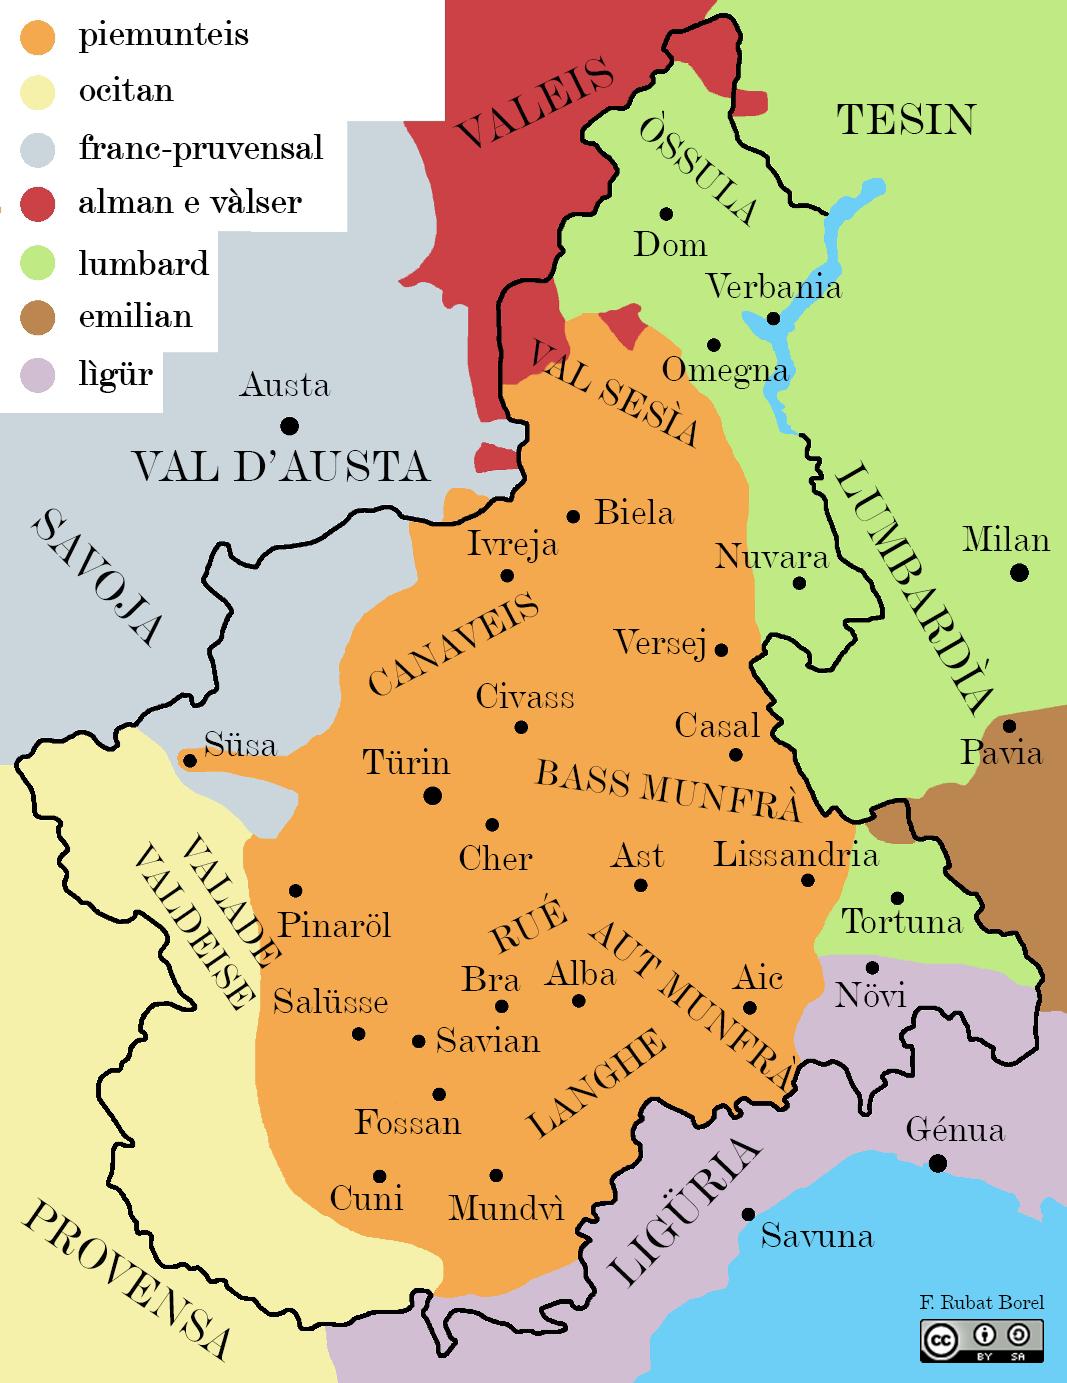 La Cartina Del Piemonte.Mappa Linguistica Del Piemonte